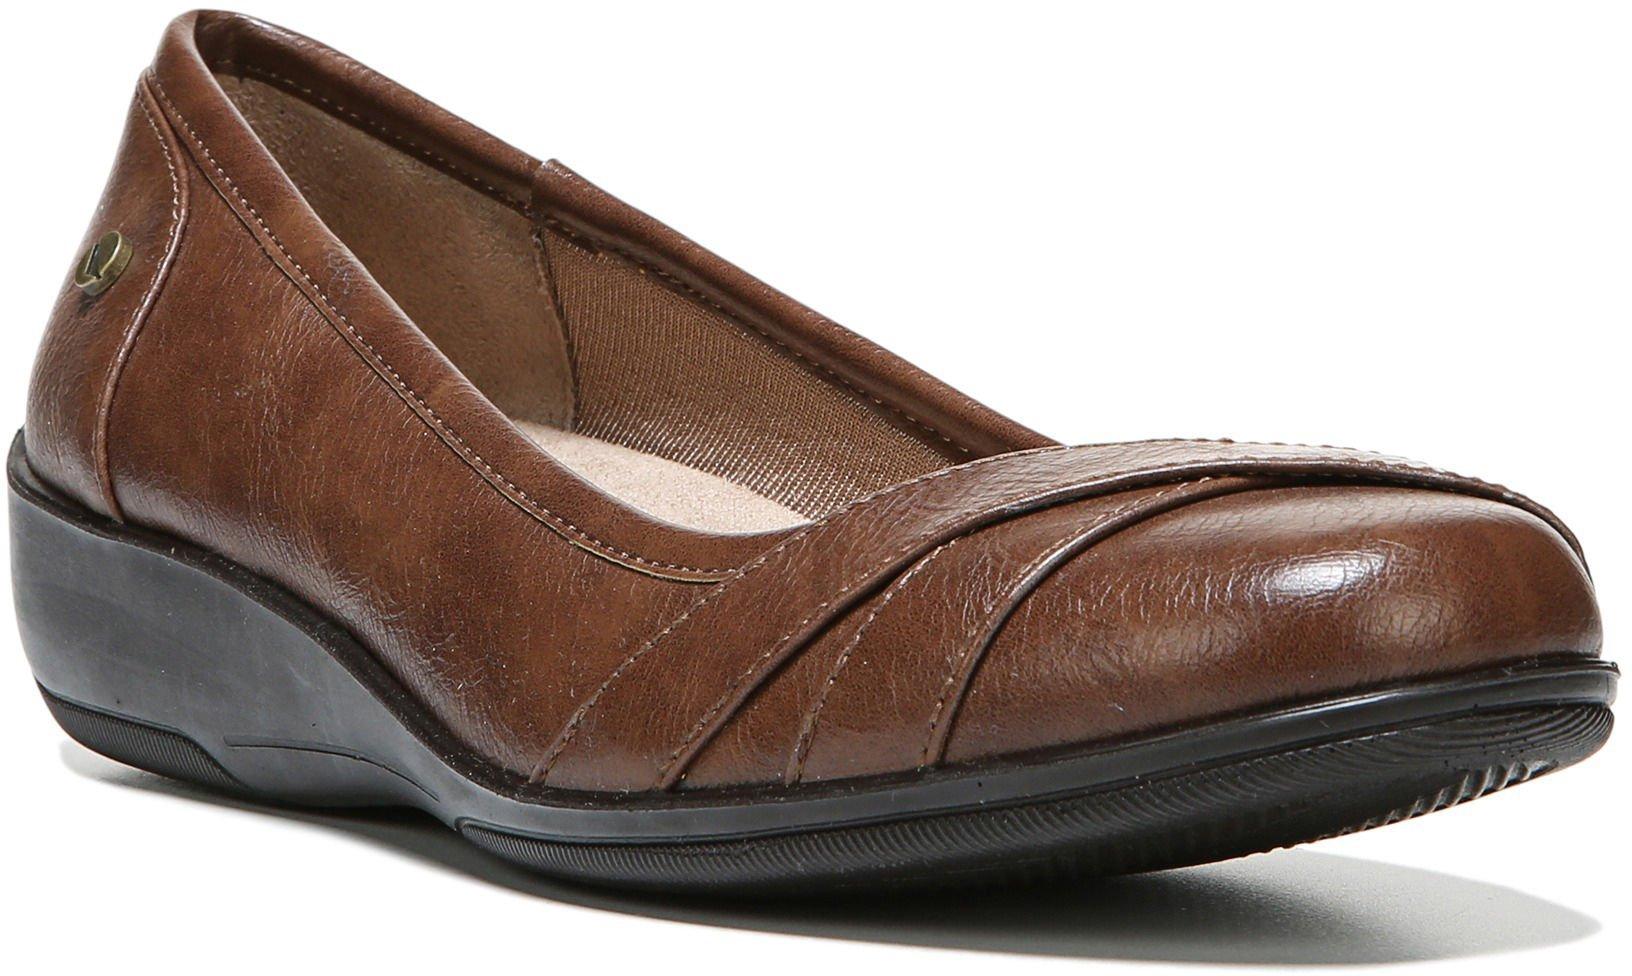 LifeStride Womens I-Loyal Wedge Shoes 9 Dark tan